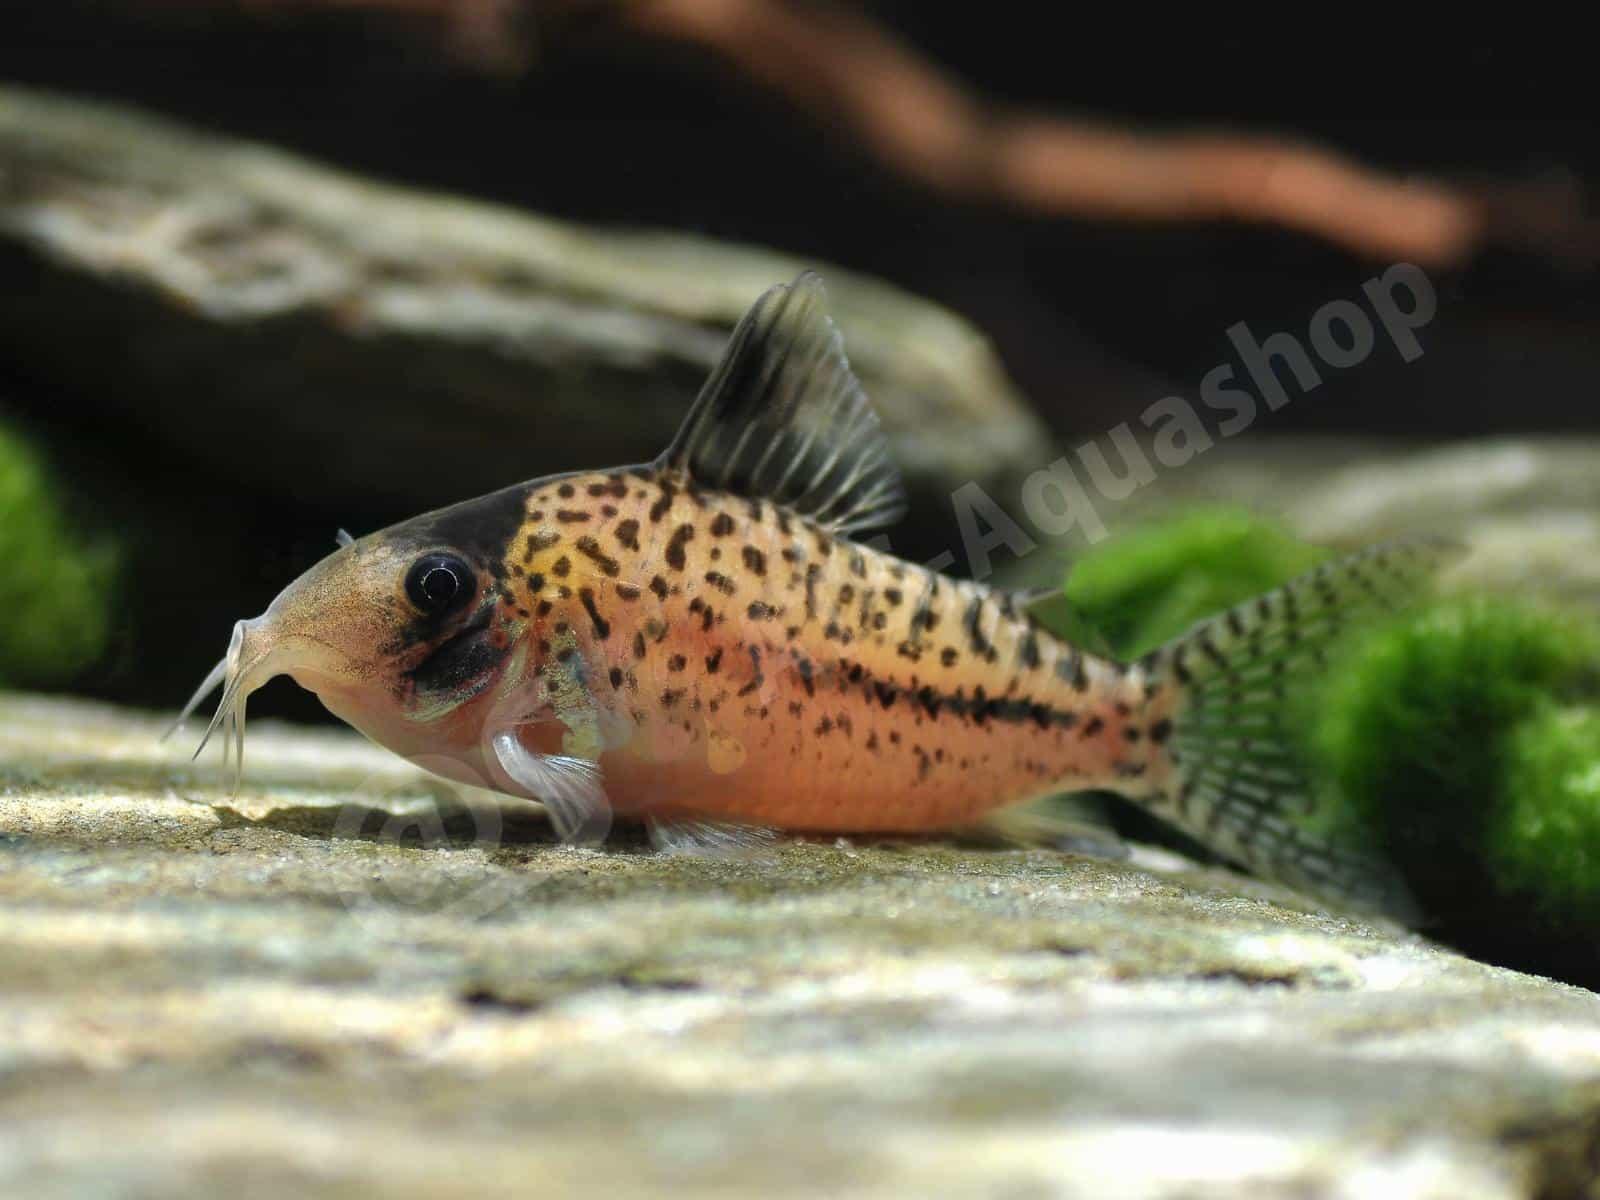 corydoras orphnopterus enrico richter 0032 6